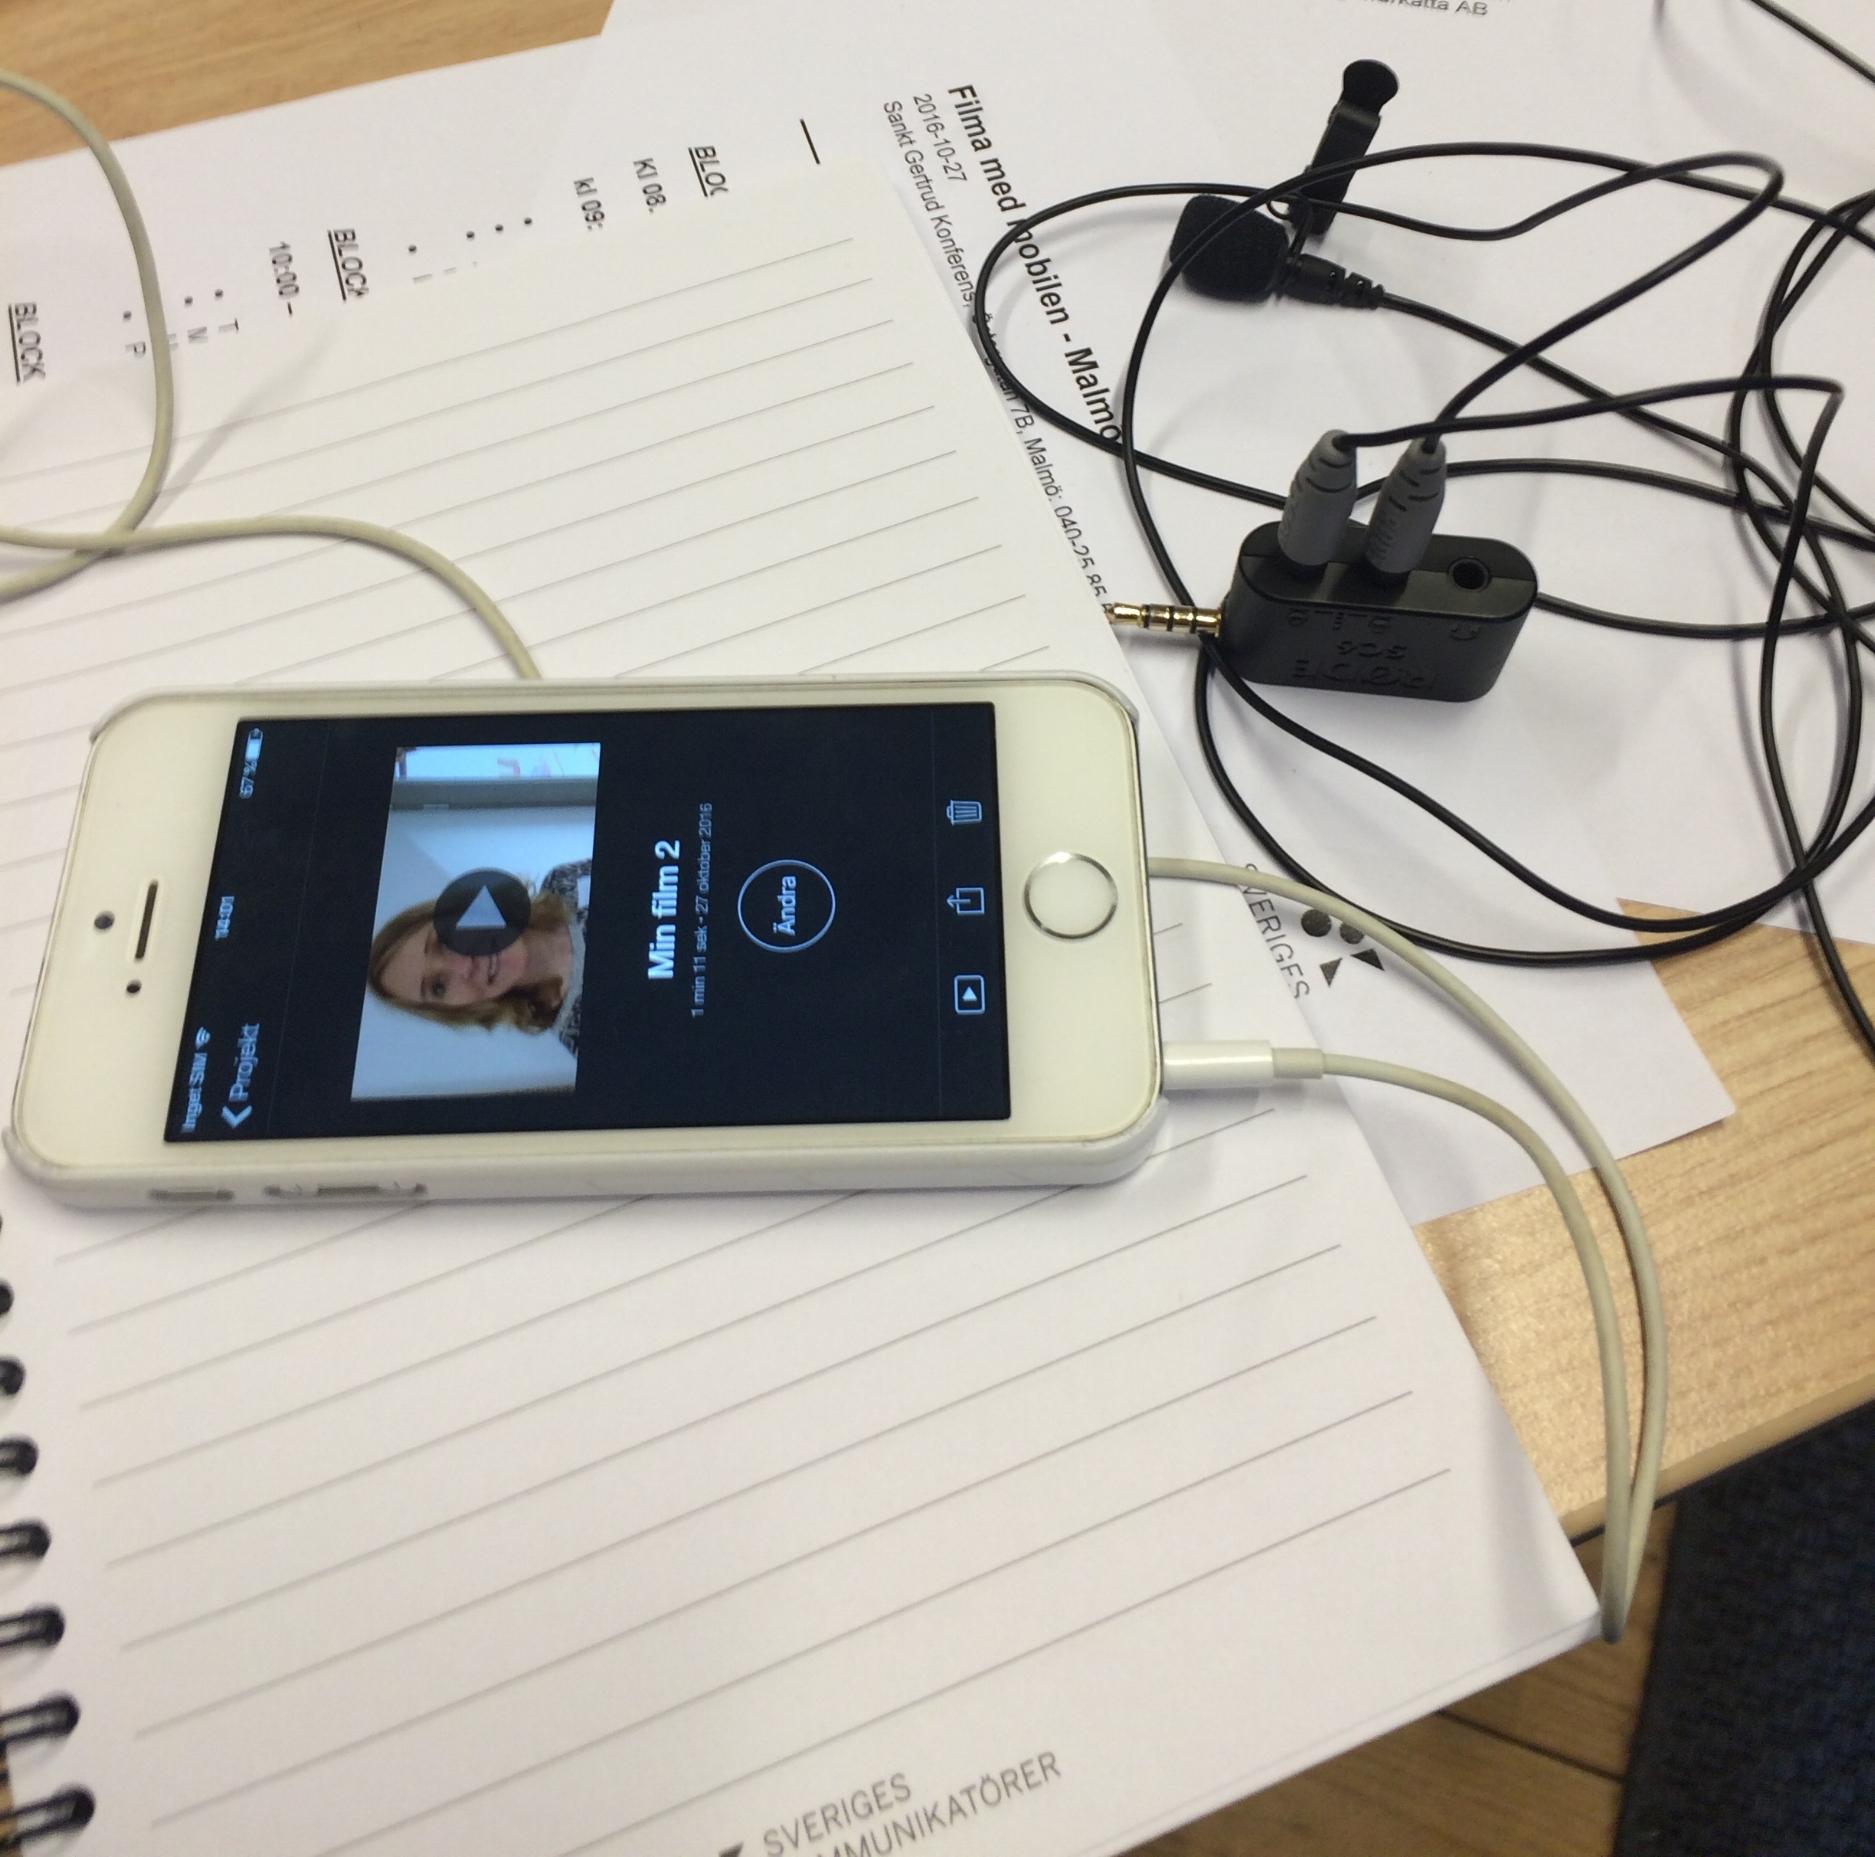 Filmade med en Iphone 5 och klippte med Imovie. Mer än så behövs absolut inte, någon hade Iphone 4 och filmade med den och det funkade bra.Men man blev ju helt klart sugen på att investera i lite nya prylar...ett stativ...mikrofon...och varför inte en Iphone 7 när man ändå är igång! ;)